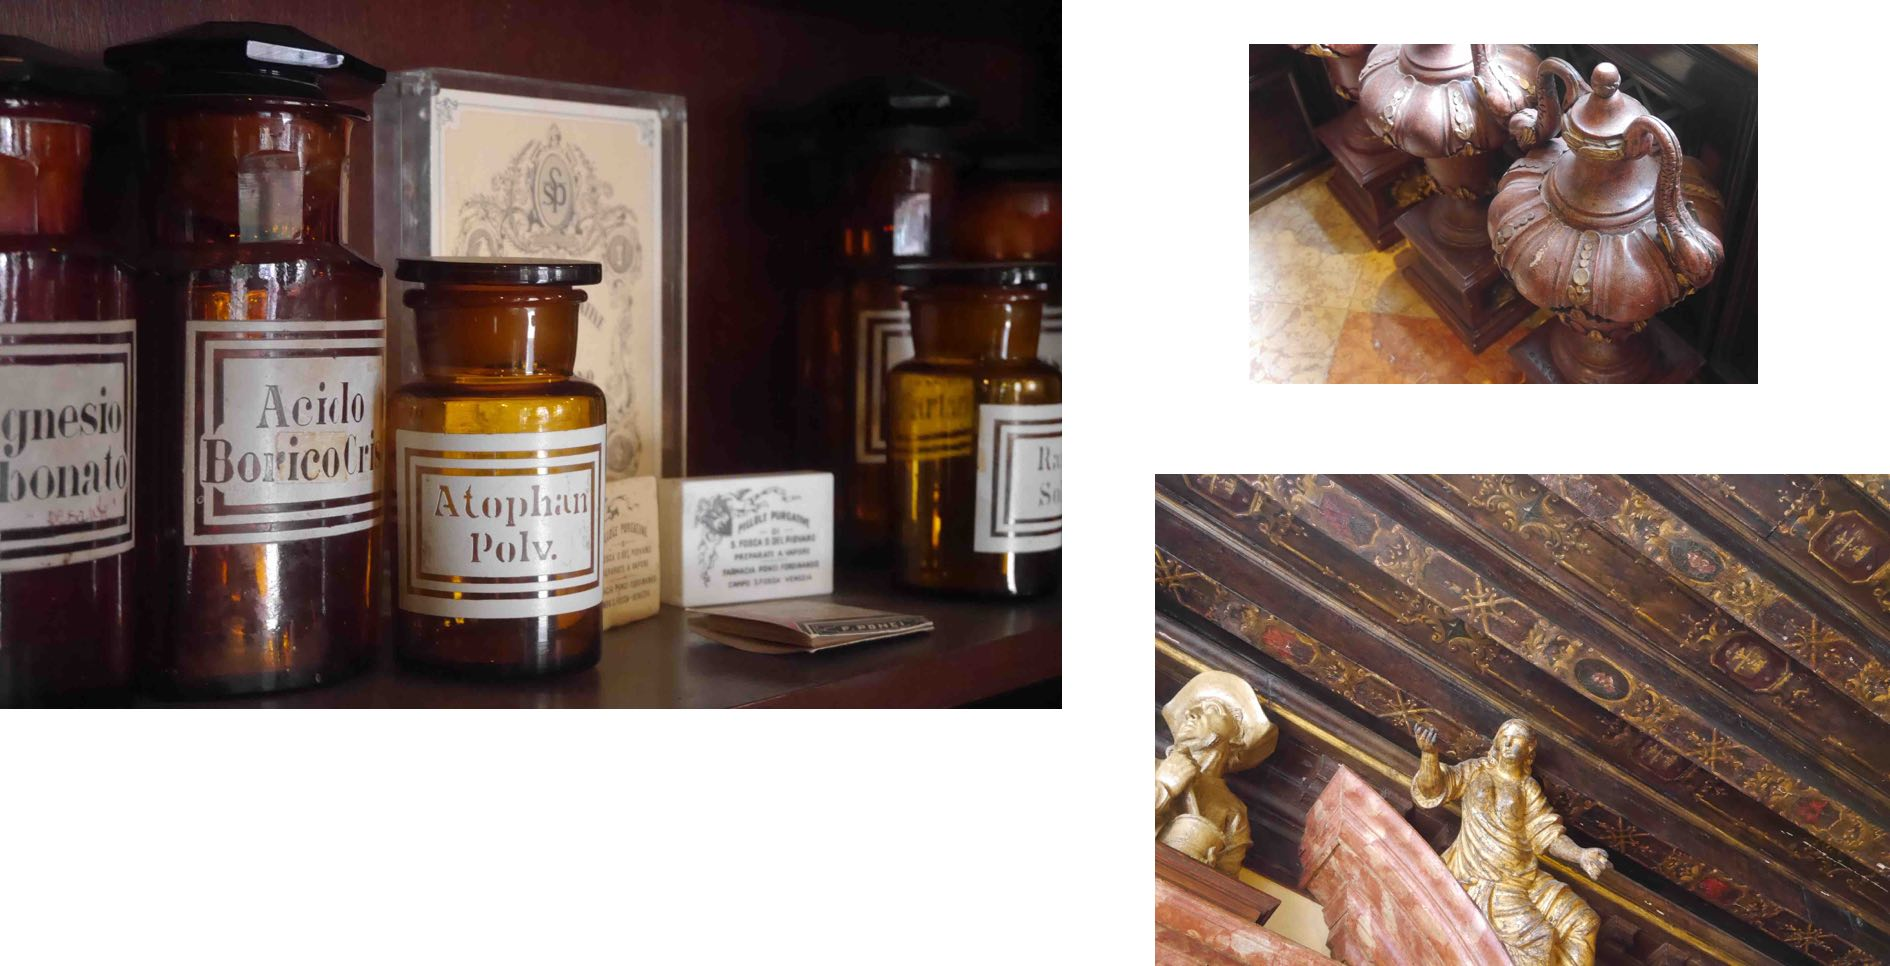 cannaregio-merchant-of-venice-ali-di-firenze-13